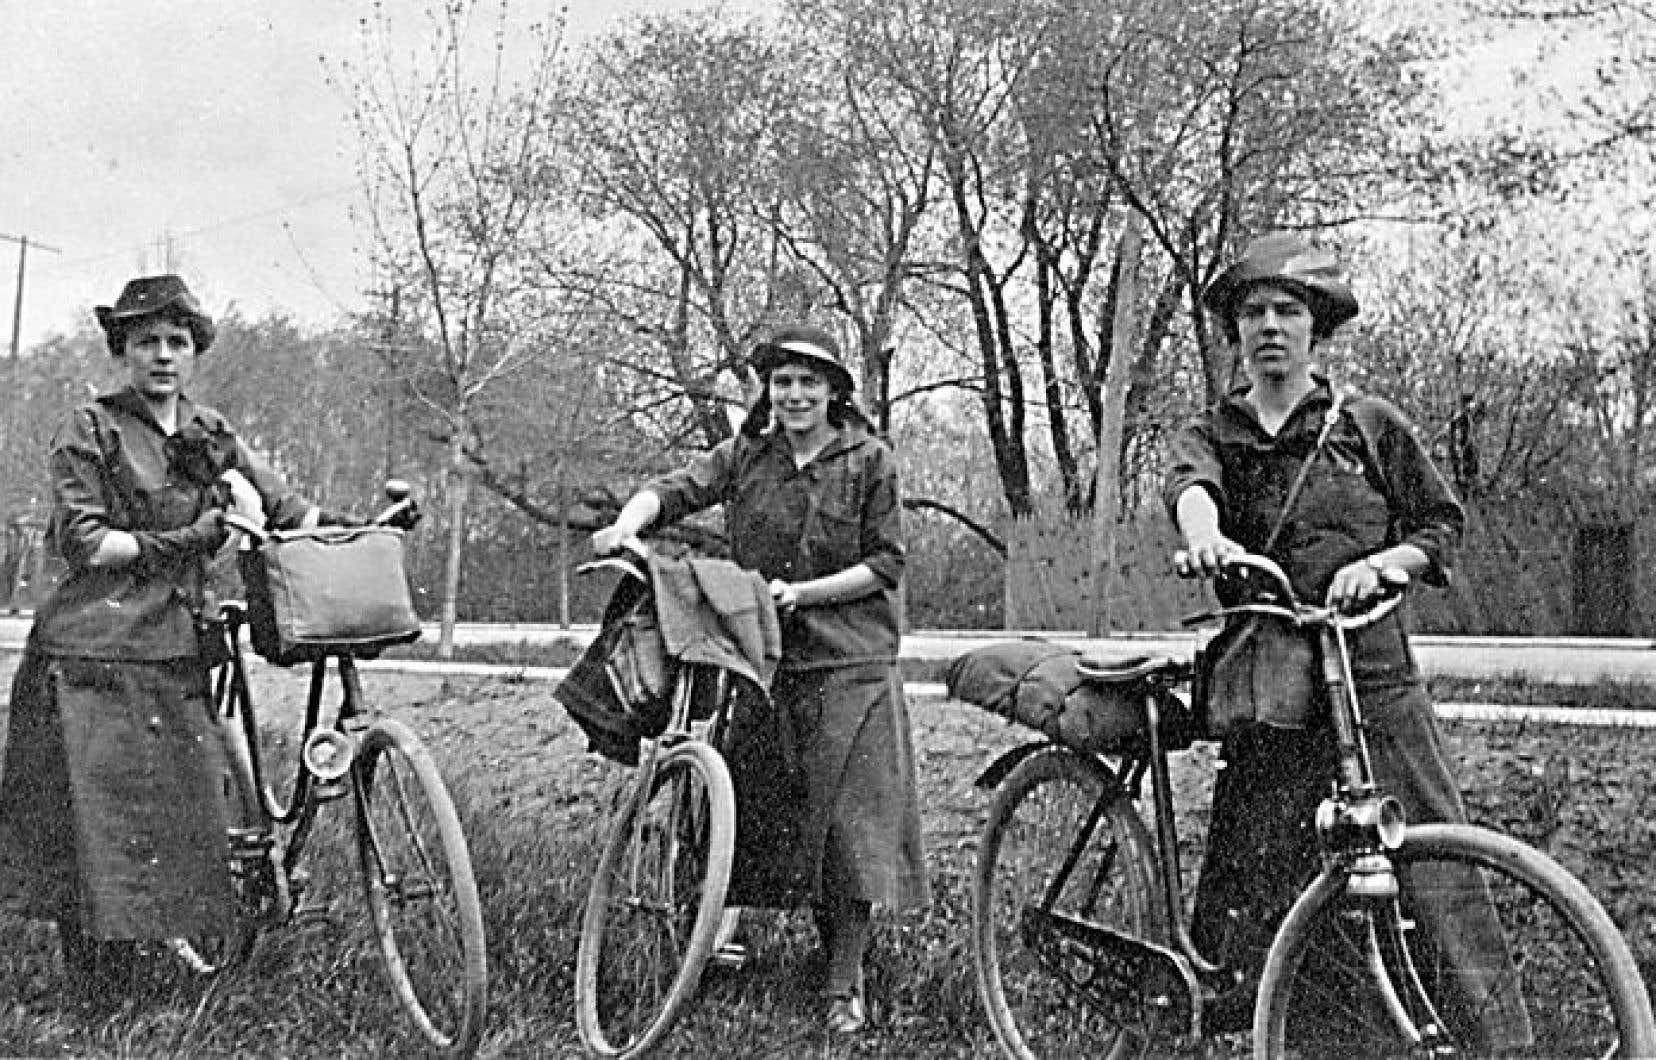 Les sœurs Coles en 1916, lors d'un périple les menant de Montréal à Ottawa